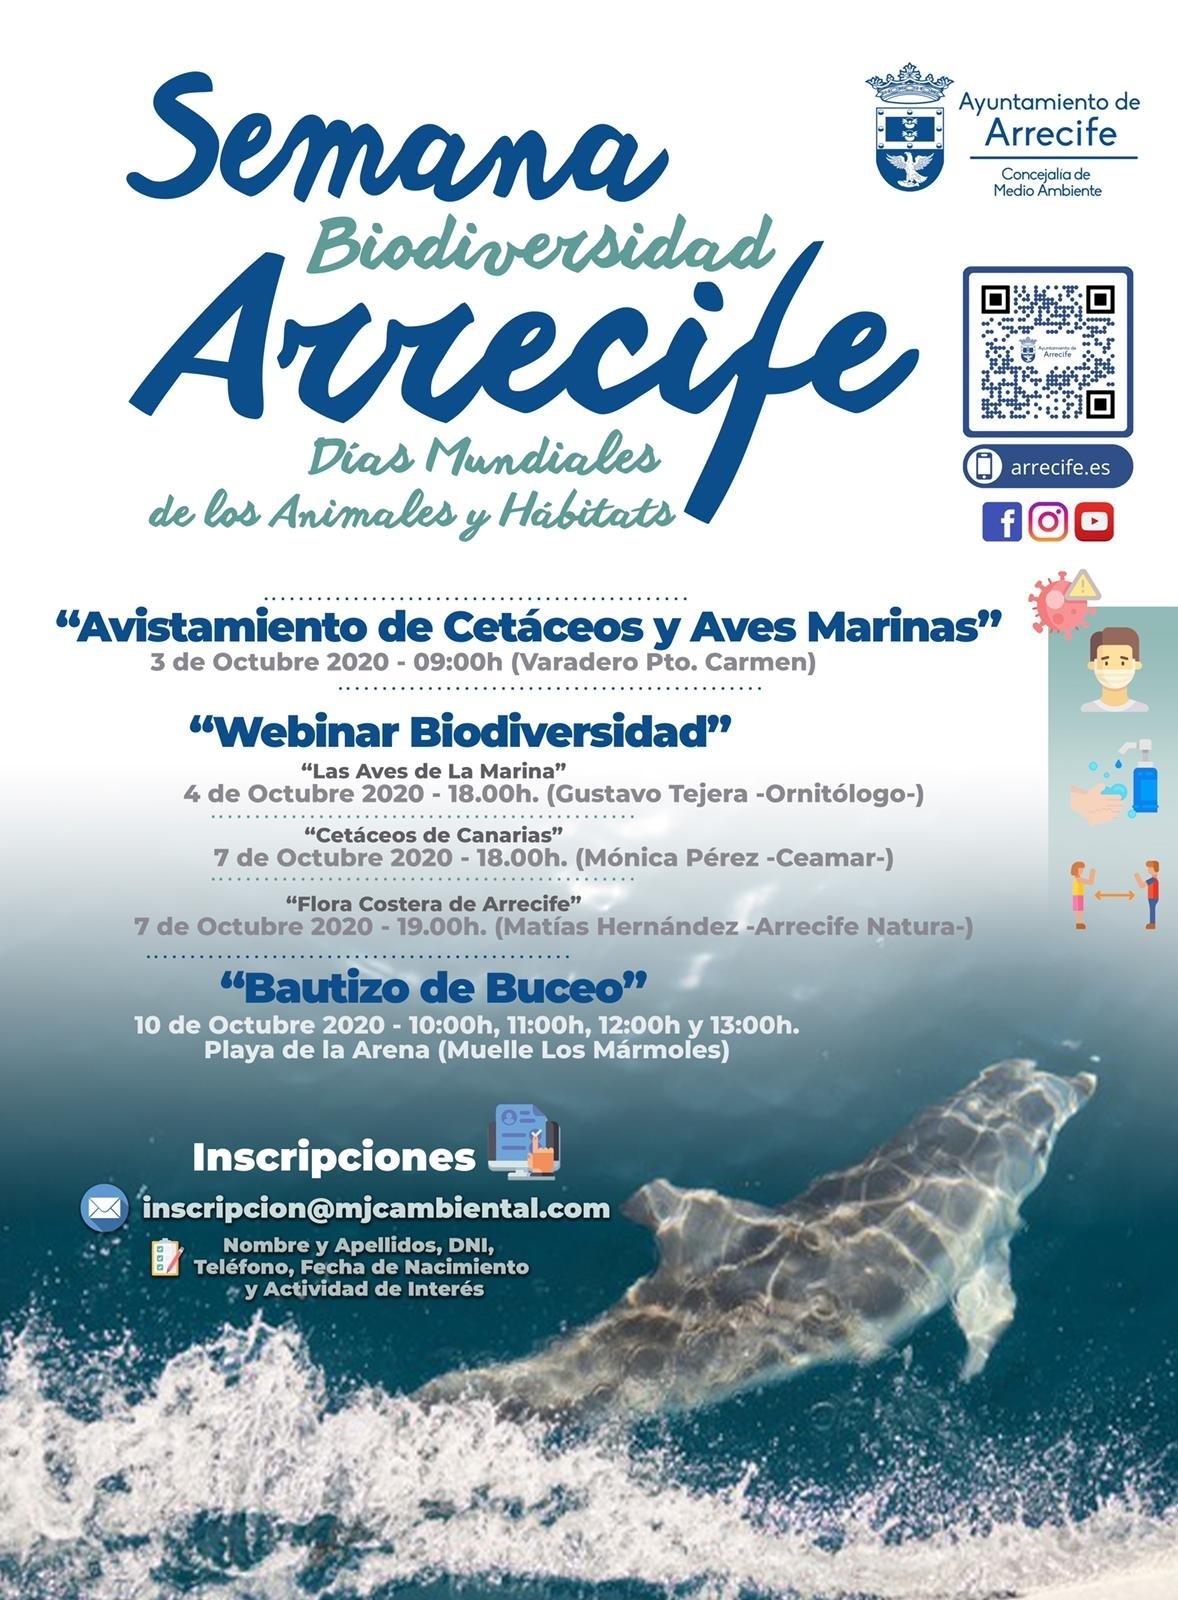 Arrecife promueve múltiples actividades medioambientales para potenciar el conocimiento de los ecosistemas de Lanzarote